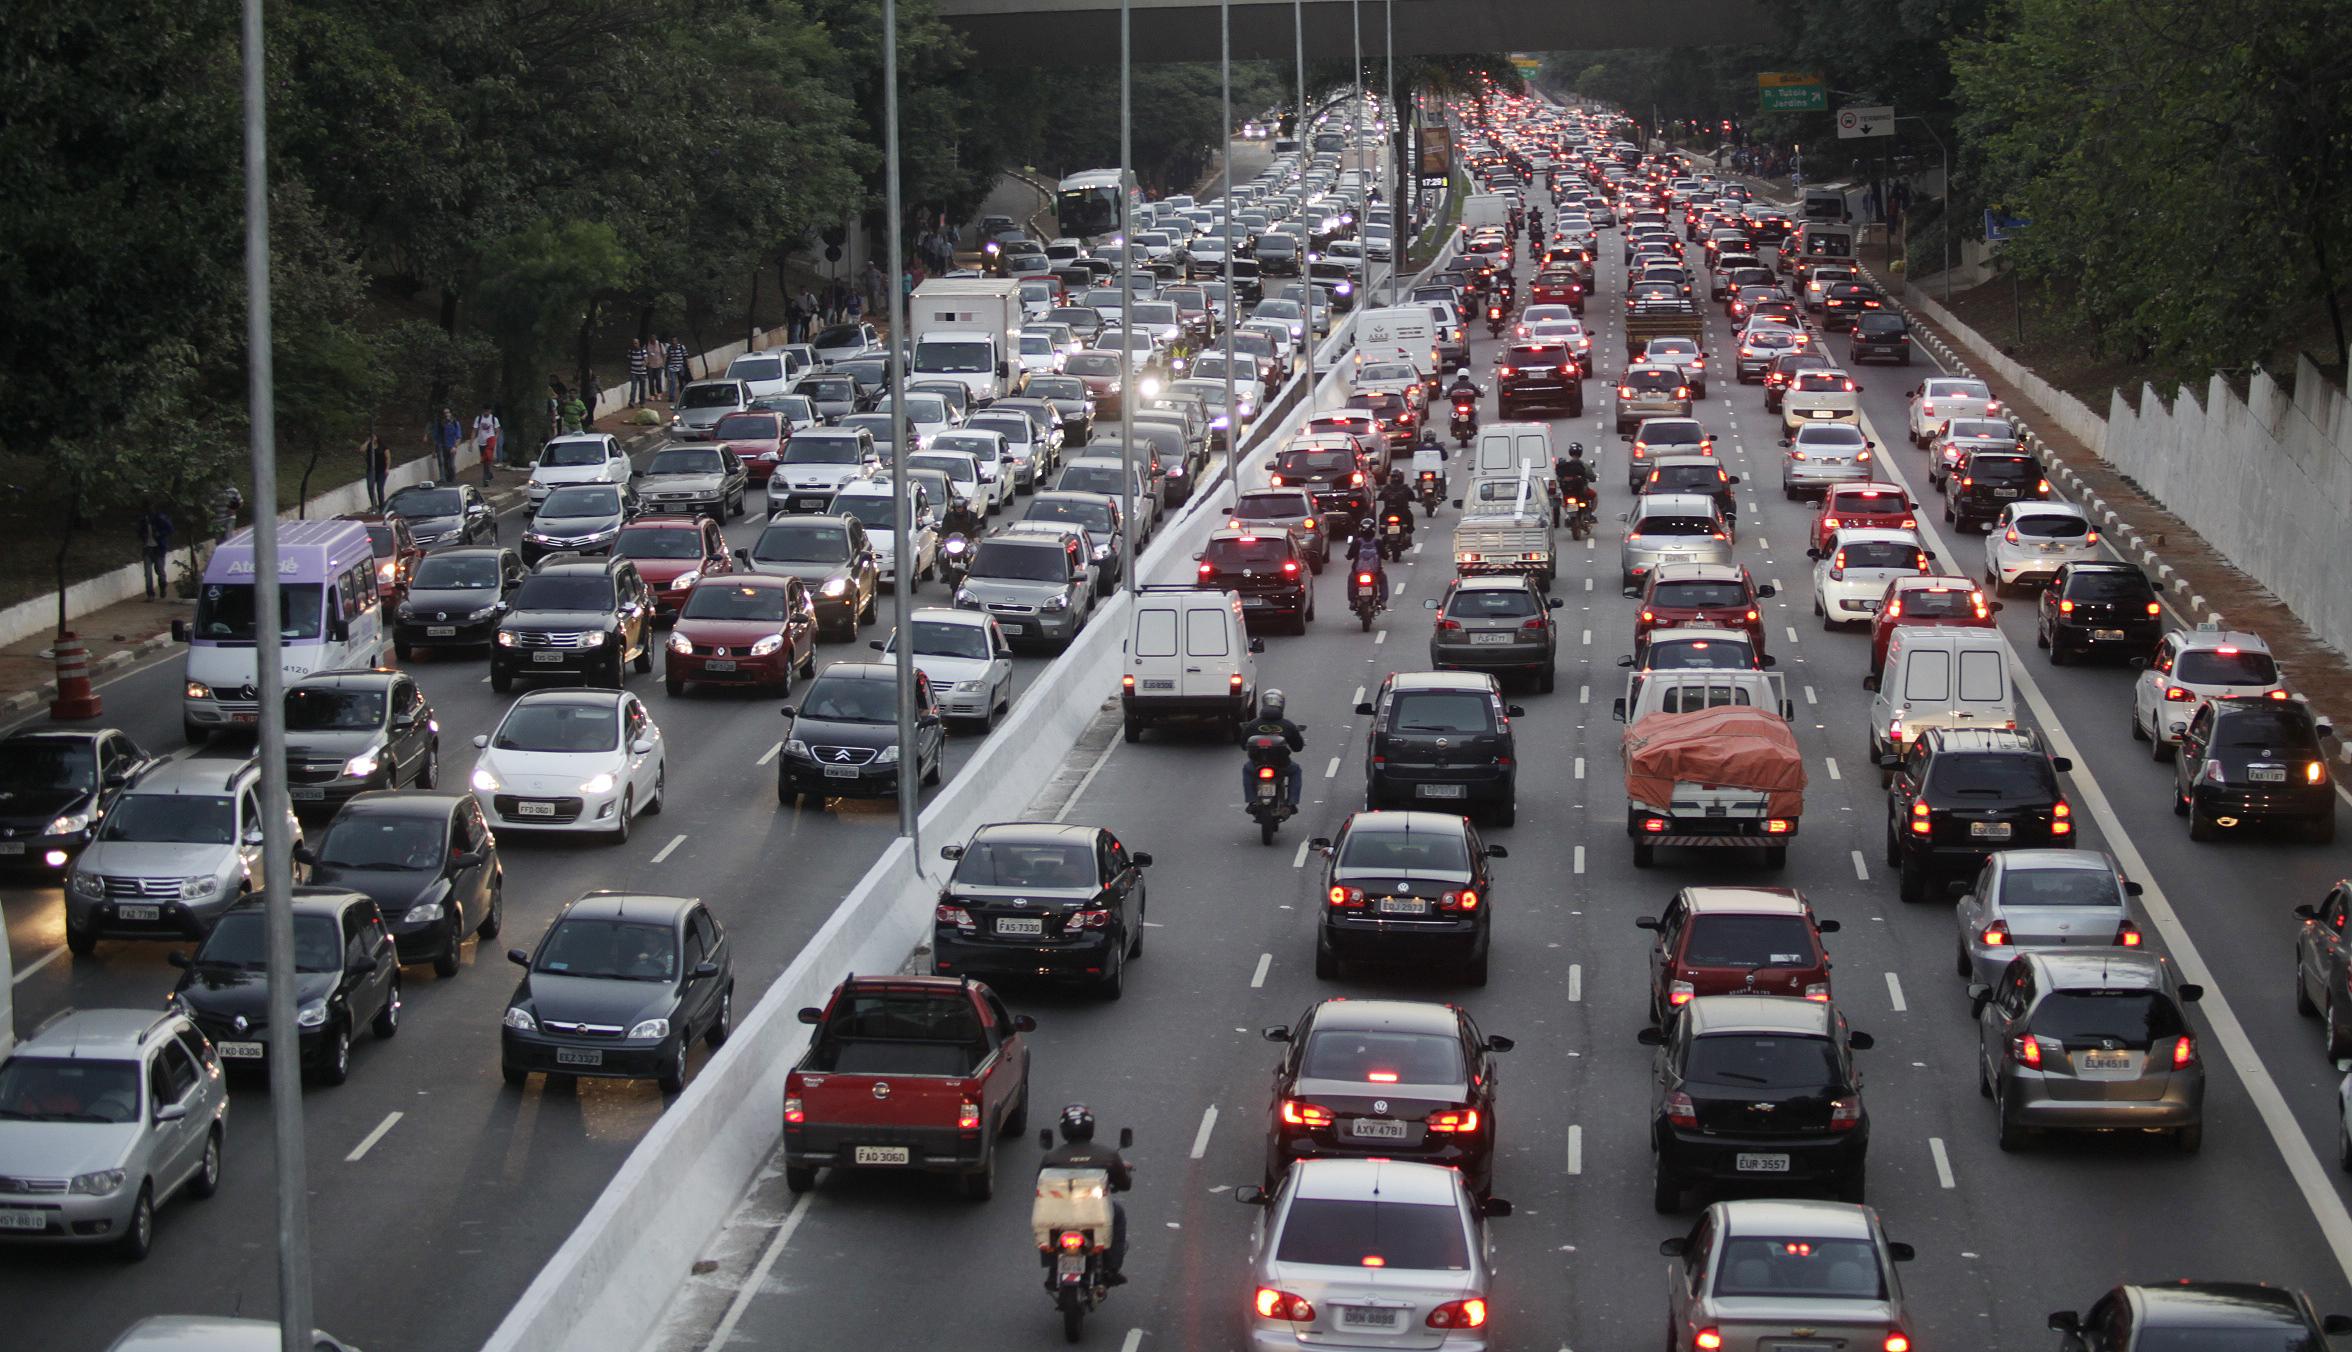 Transporte - Congestionamento - trânsito engarrafamento motos motoboys mobilidade urbana